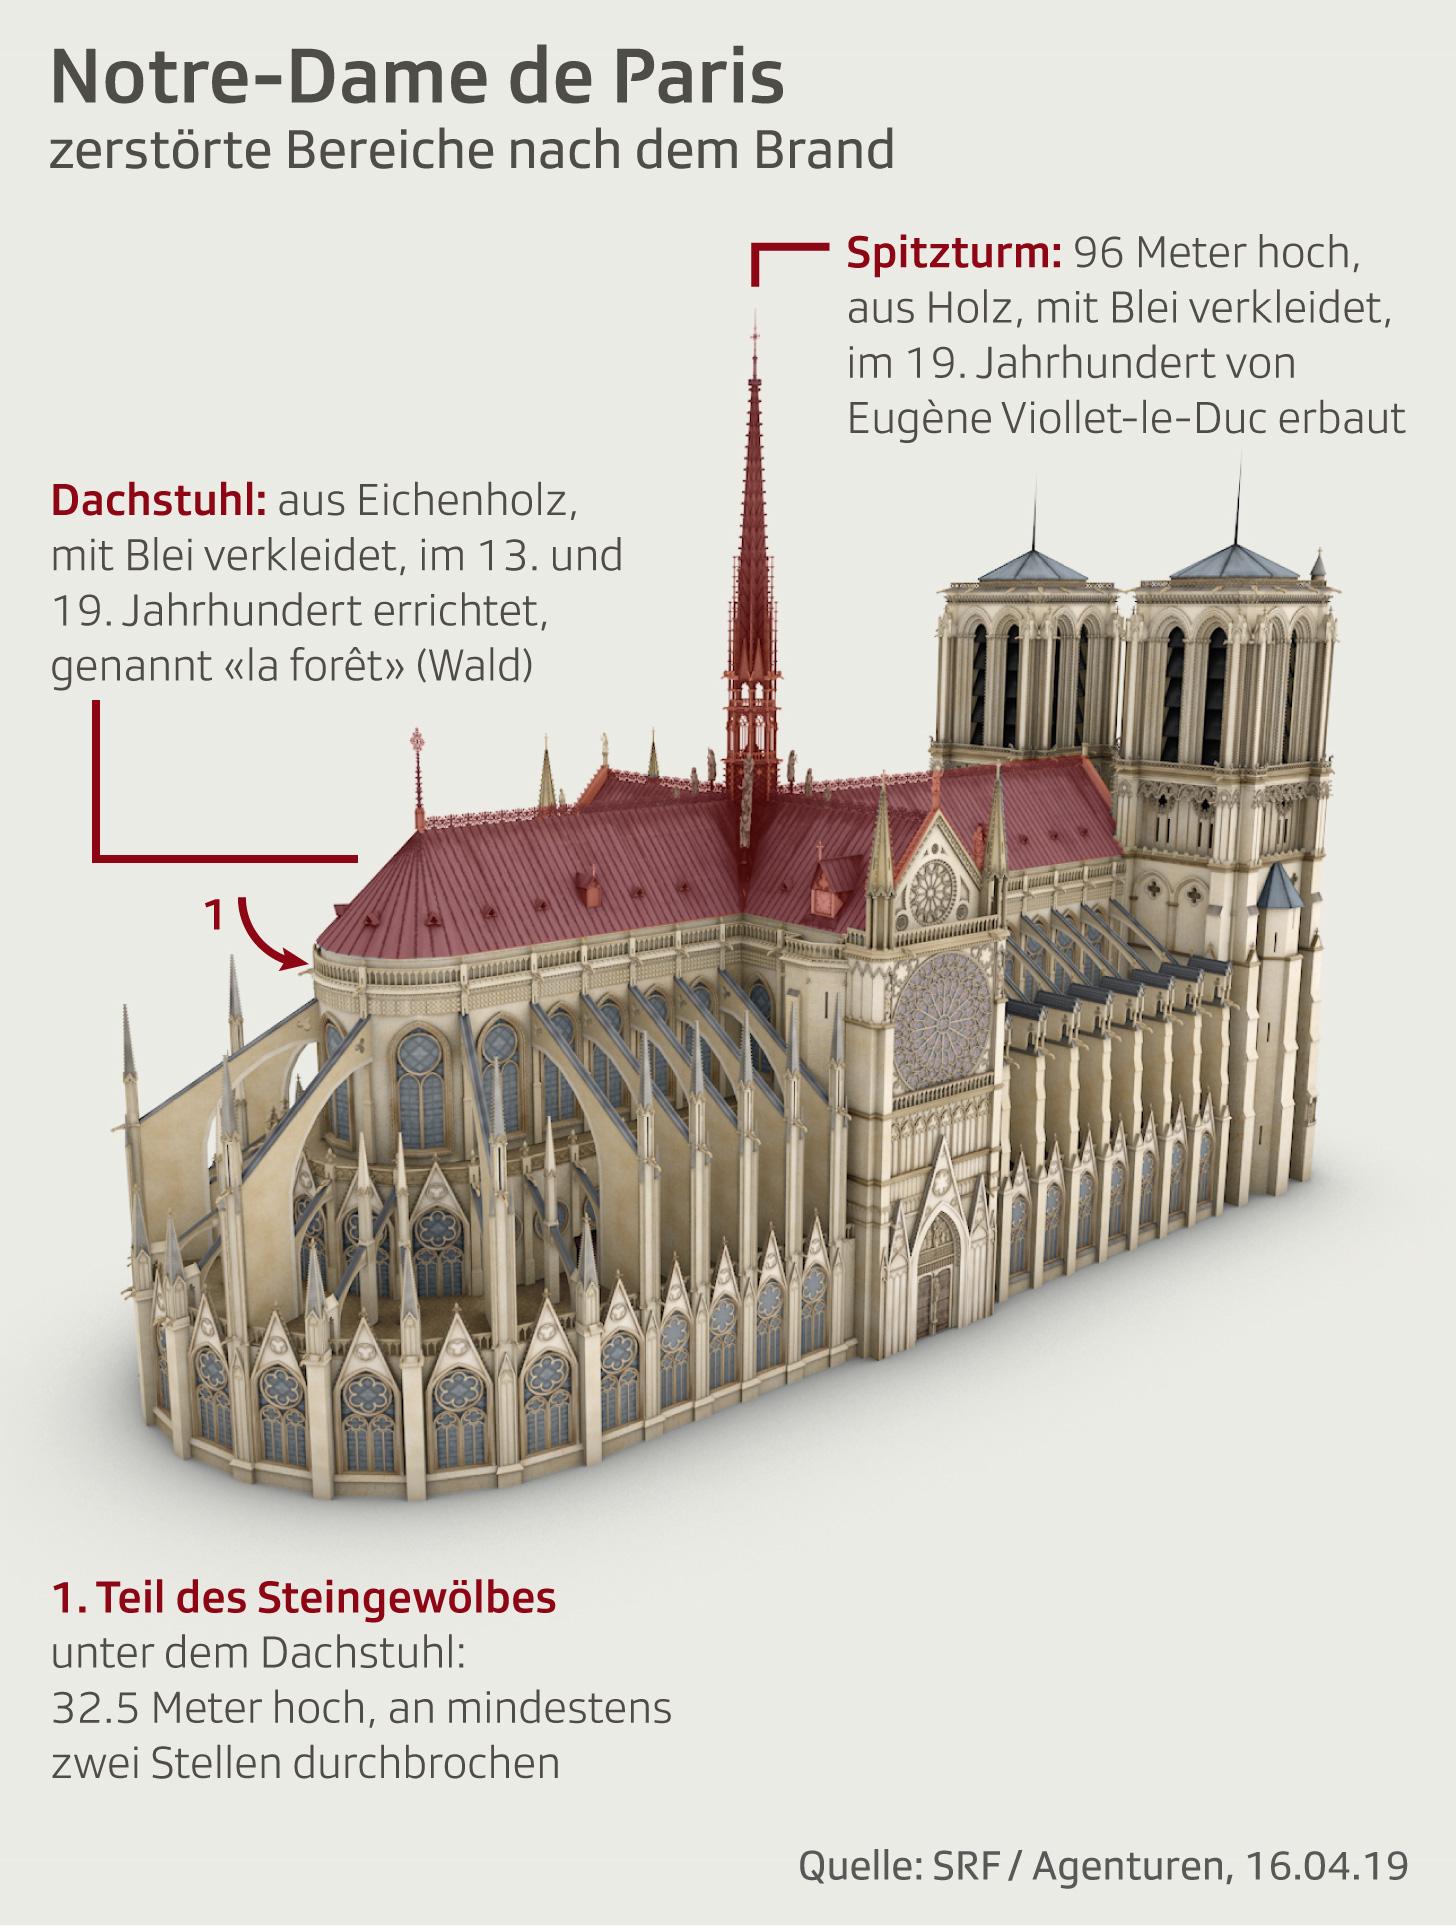 Zerstörung an der Notre-Dame